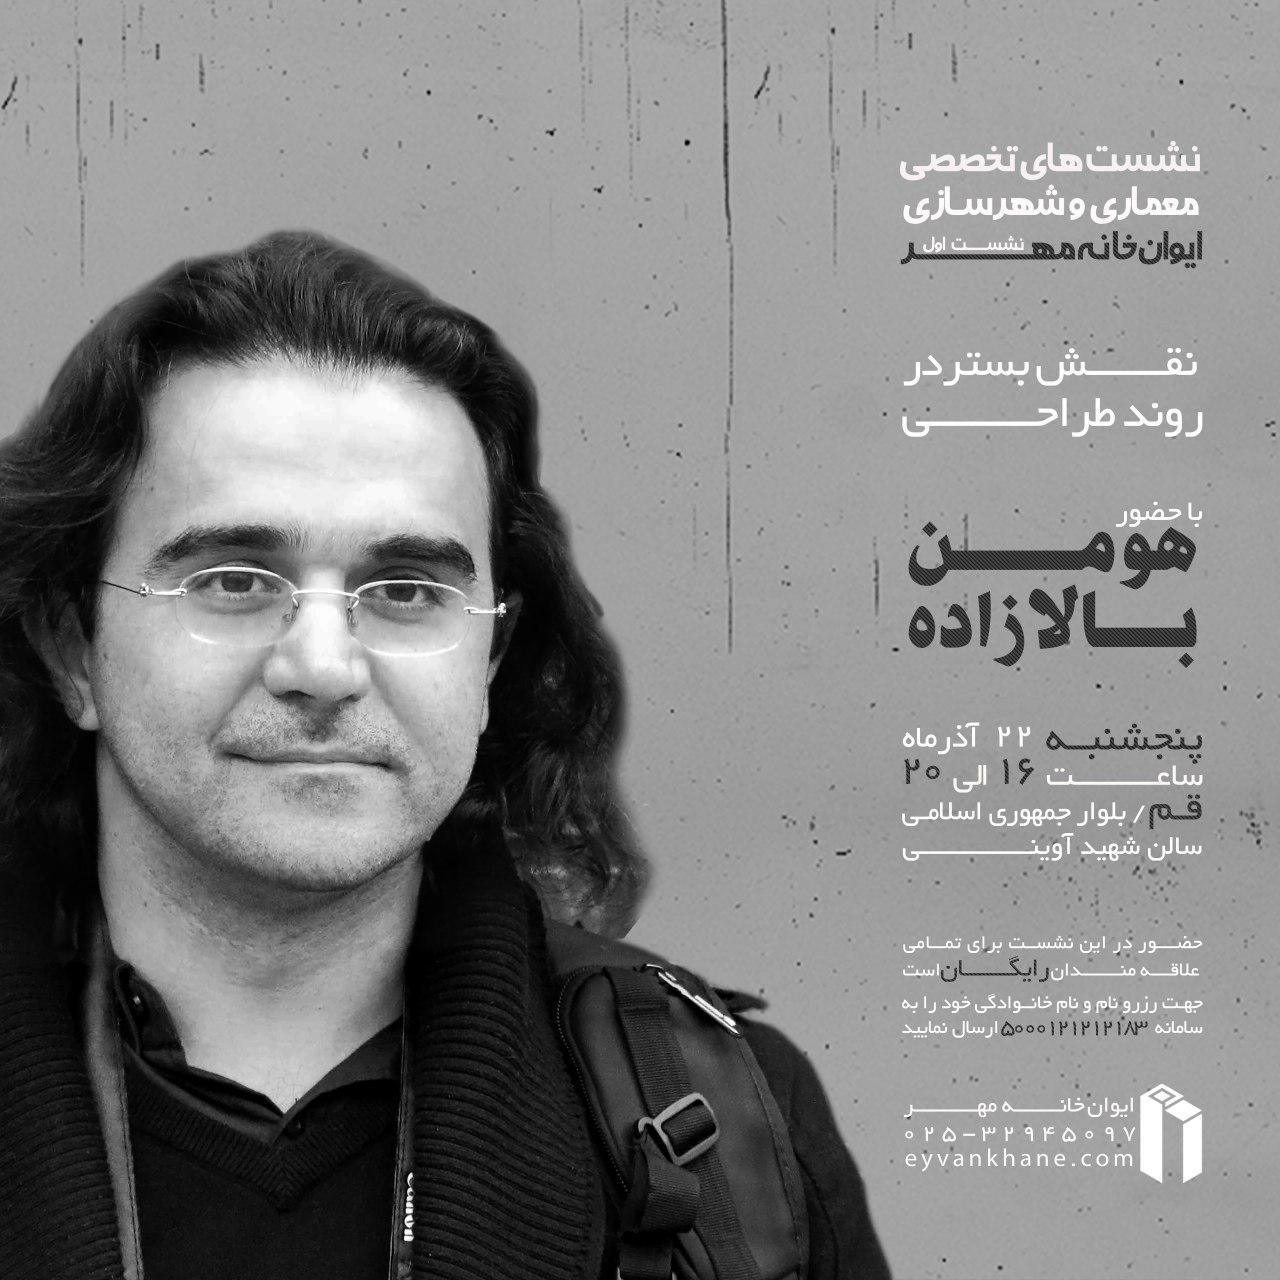 نشست اول از نشست هاى تخصصى معمارى و شهرسازى ایوان خانه مهر برگزار می شود